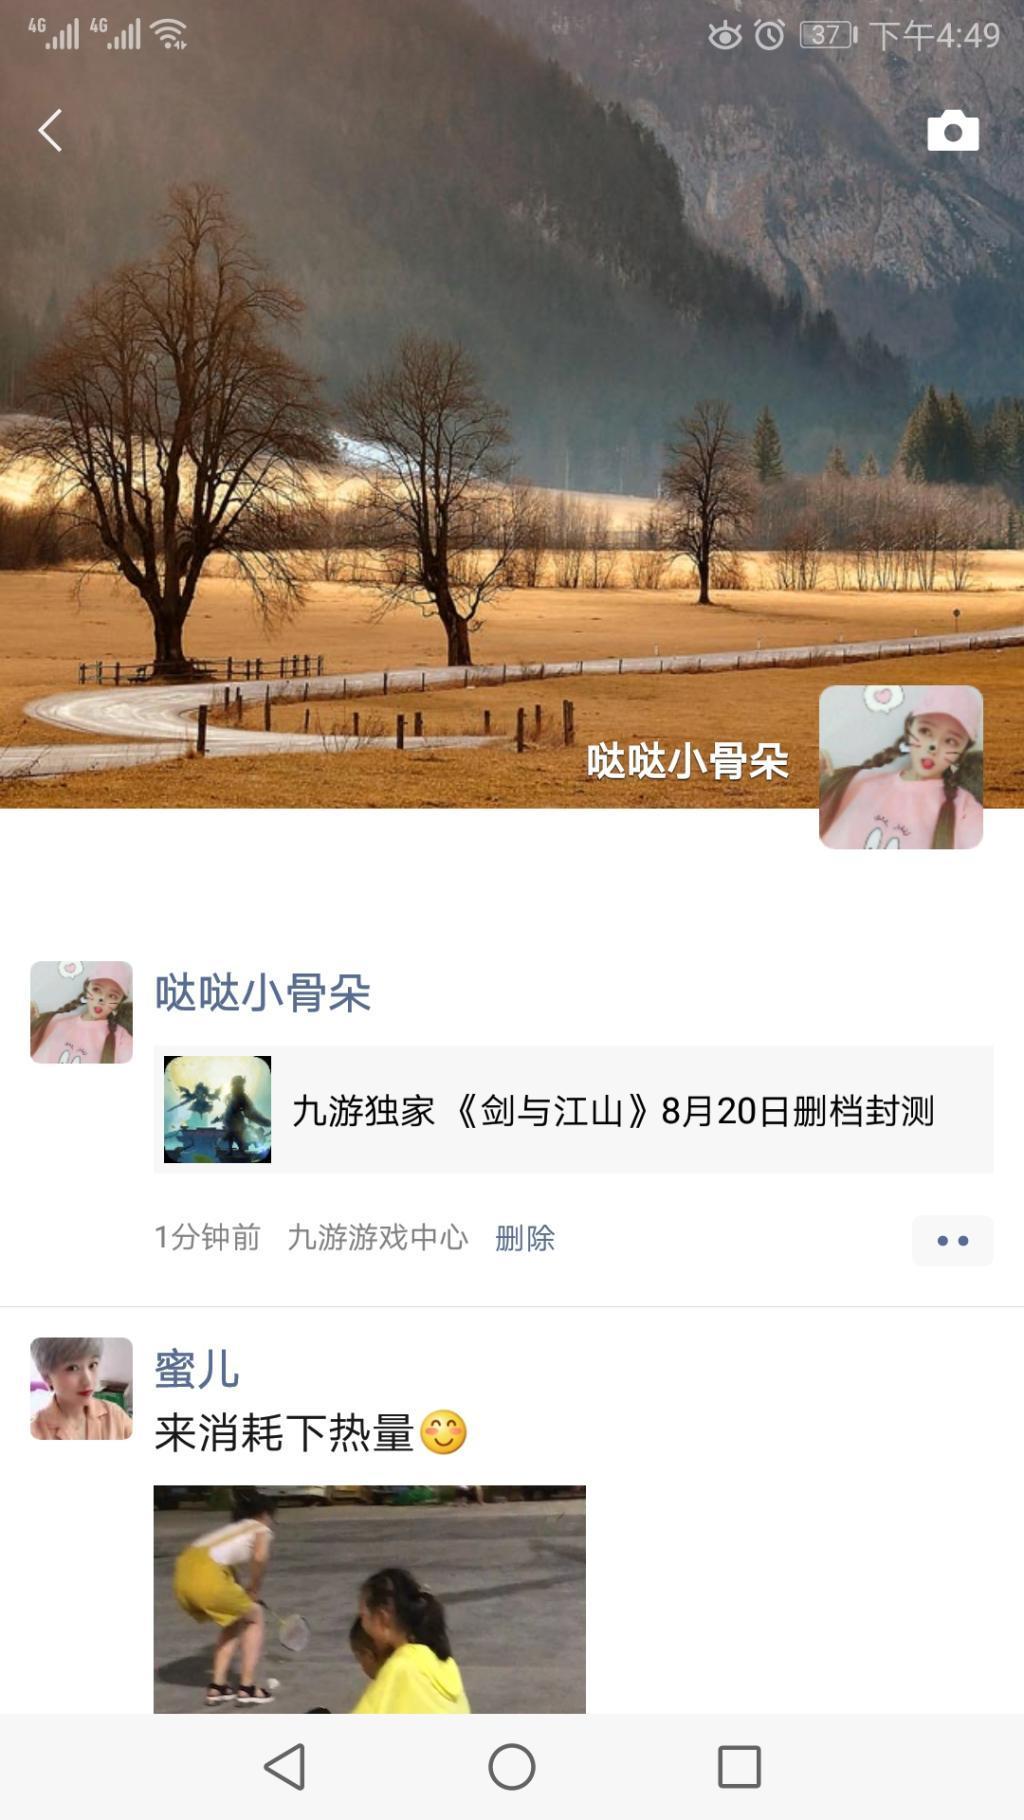 Screenshot_20190817s164902.jpg